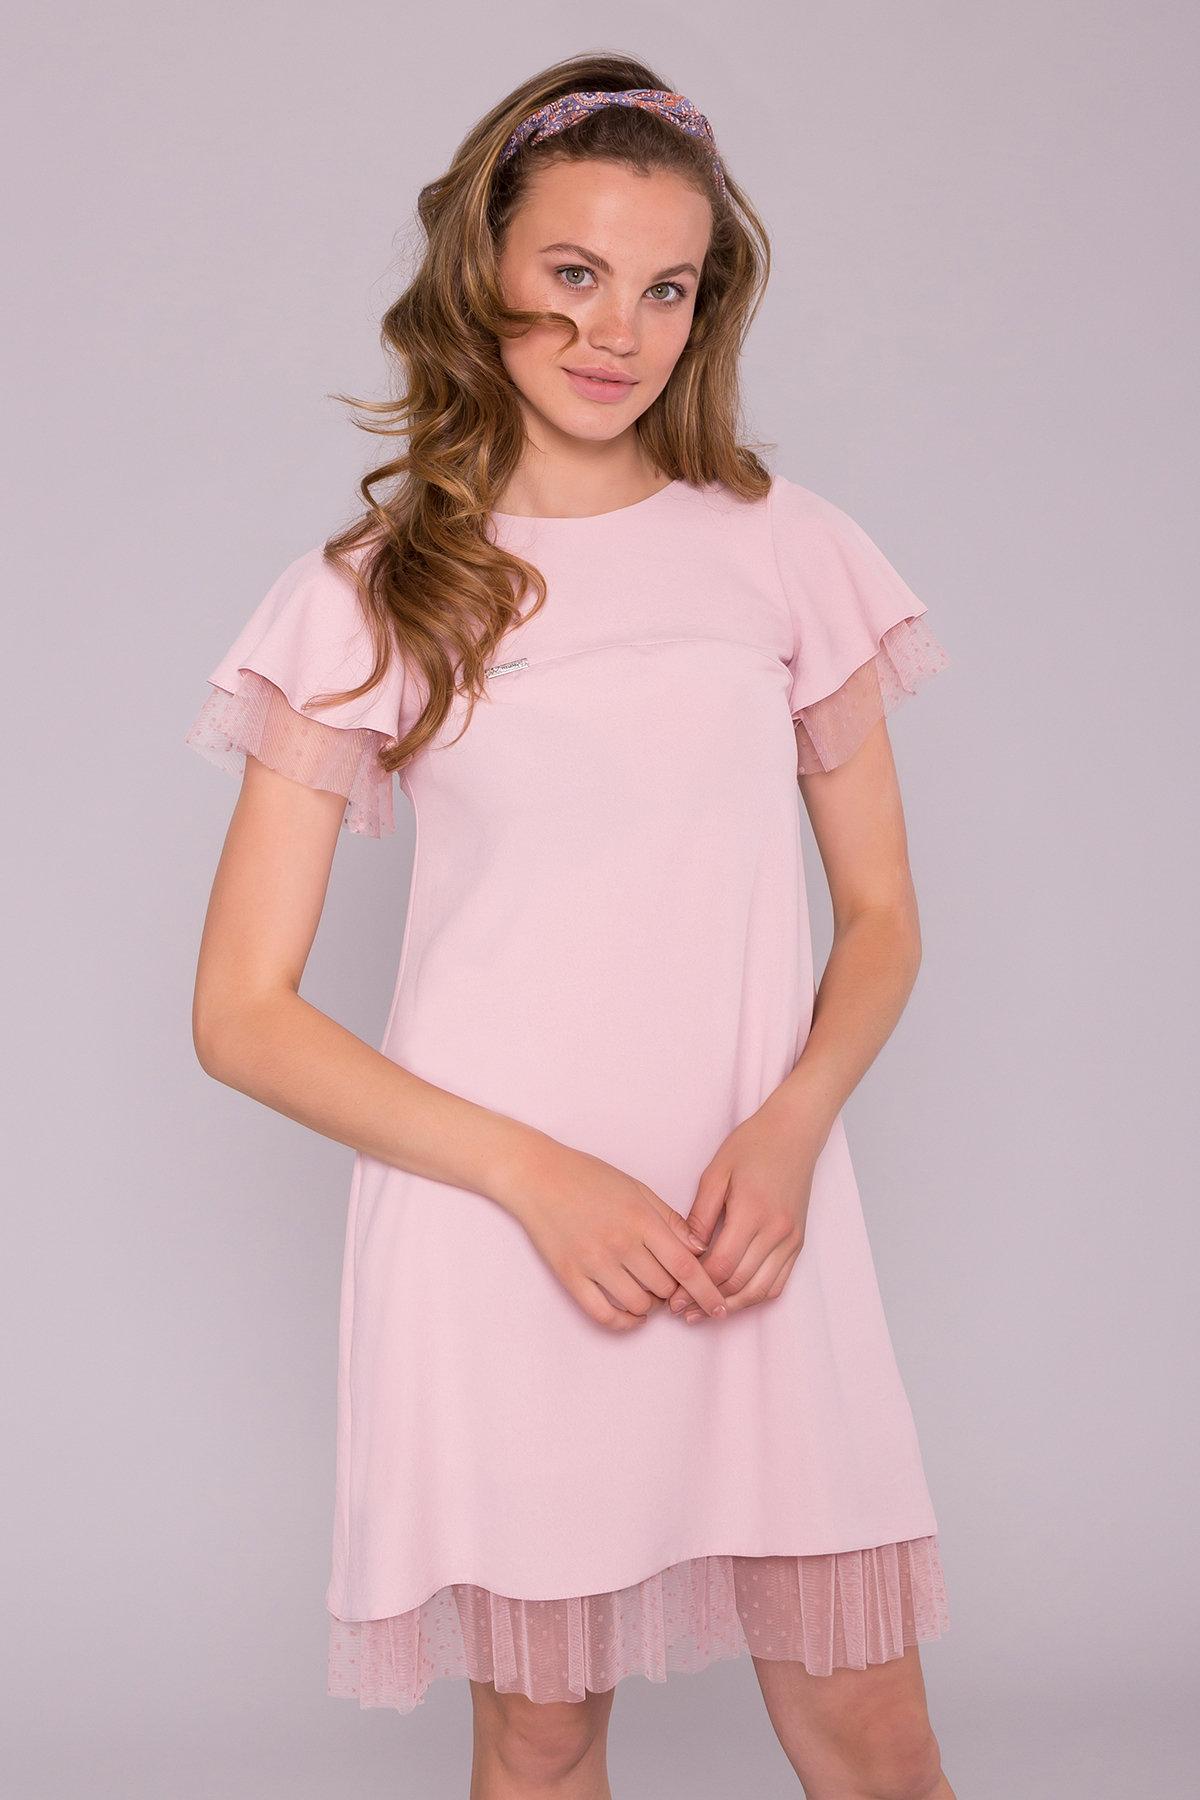 Платье Романтик 7154 АРТ. 42564 Цвет: Розовый 16 - фото 3, интернет магазин tm-modus.ru